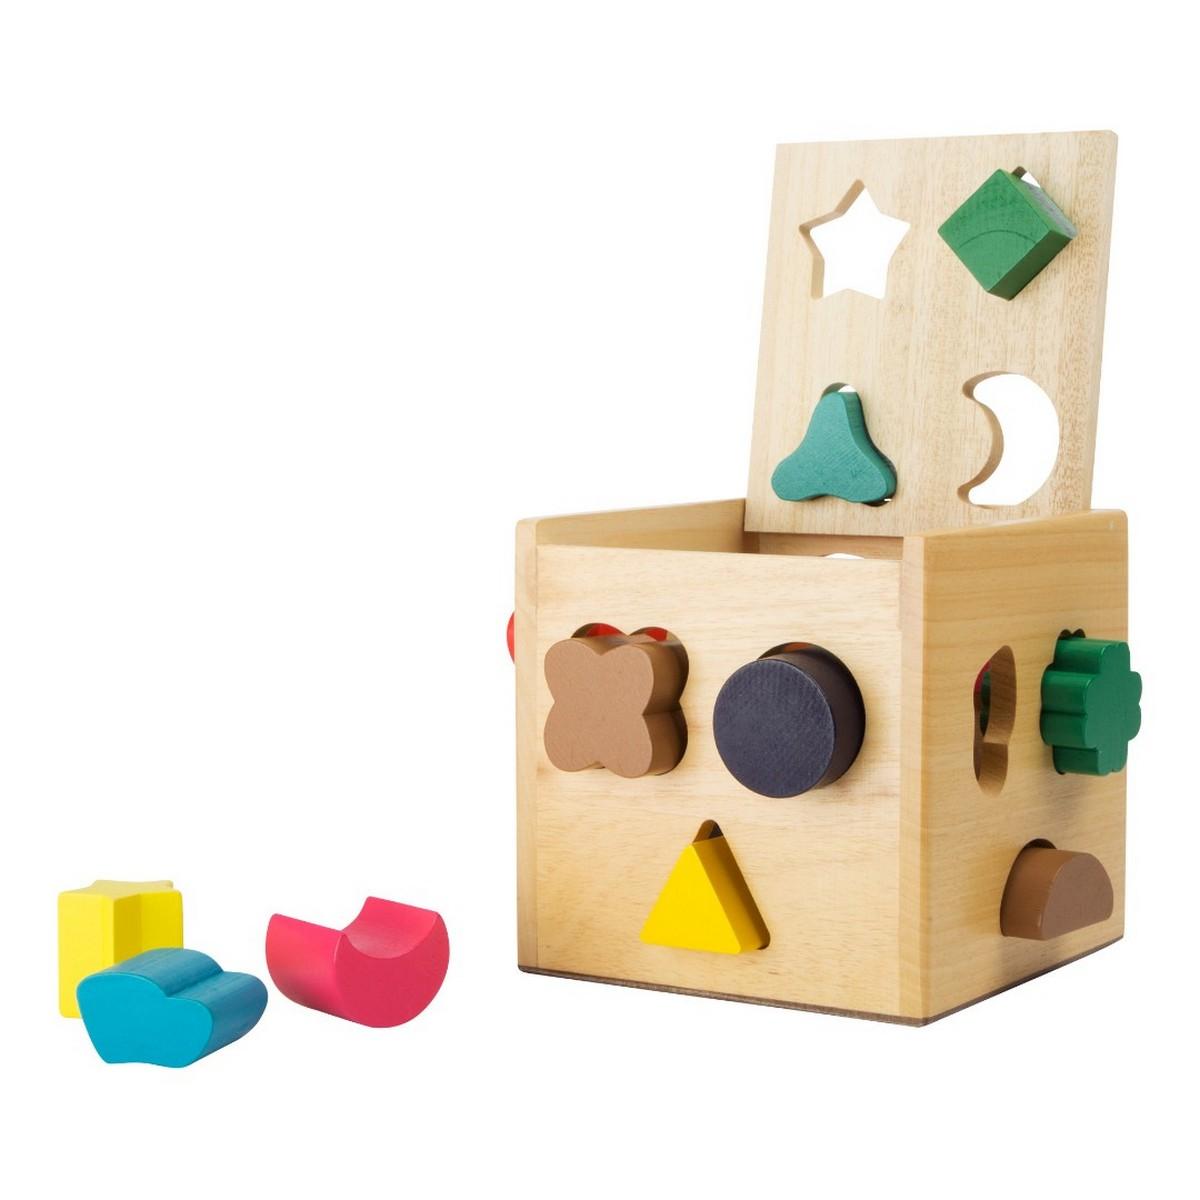 Cube à formes / Jeu d'éveil en bois